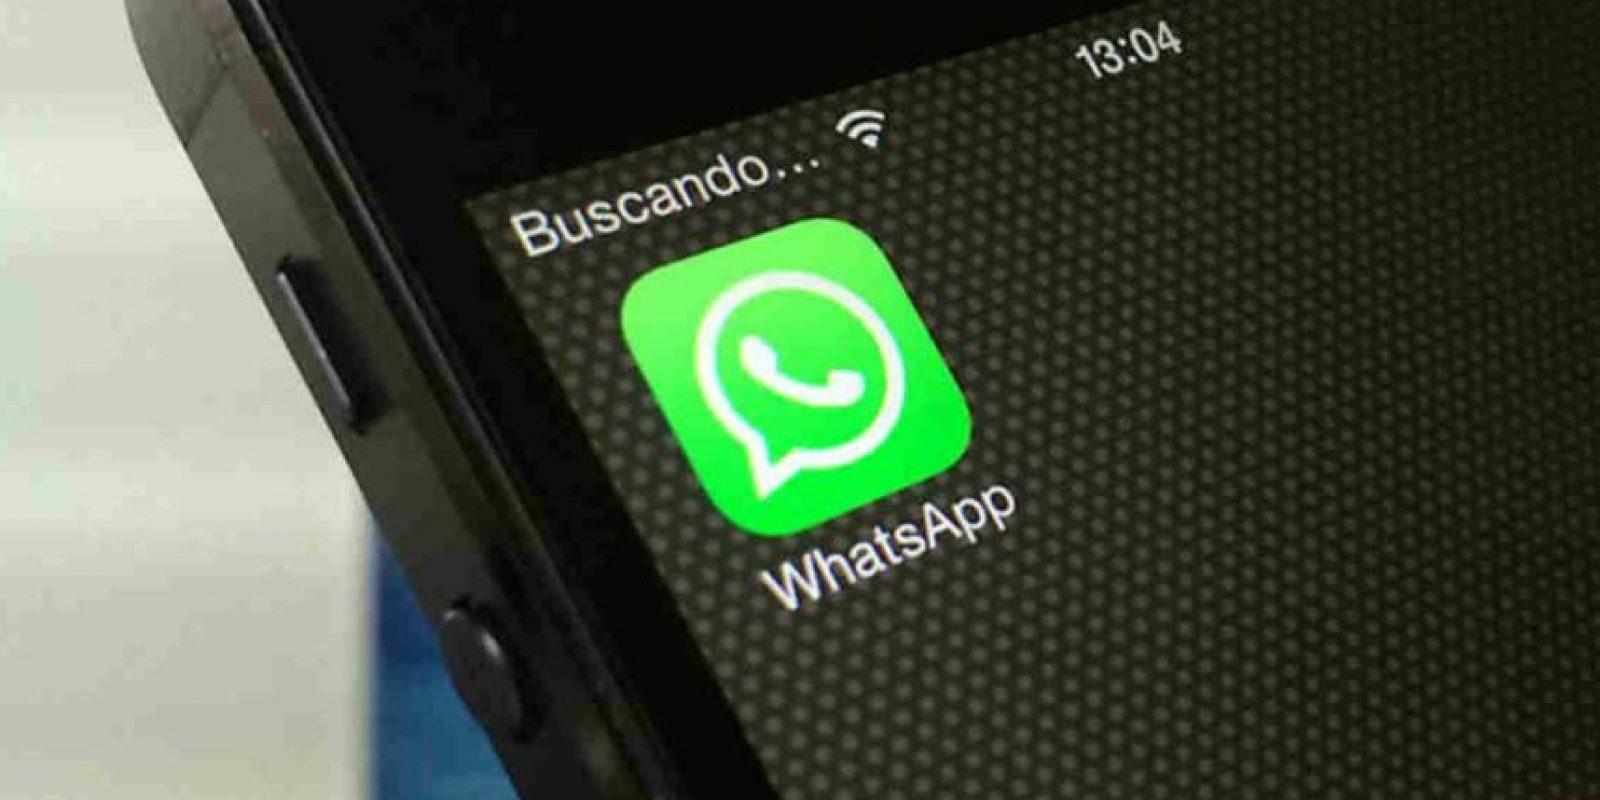 WhatsApp confirmó que las videollamadas sí están en sus planes. Foto:Getty Images. Imagen Por: